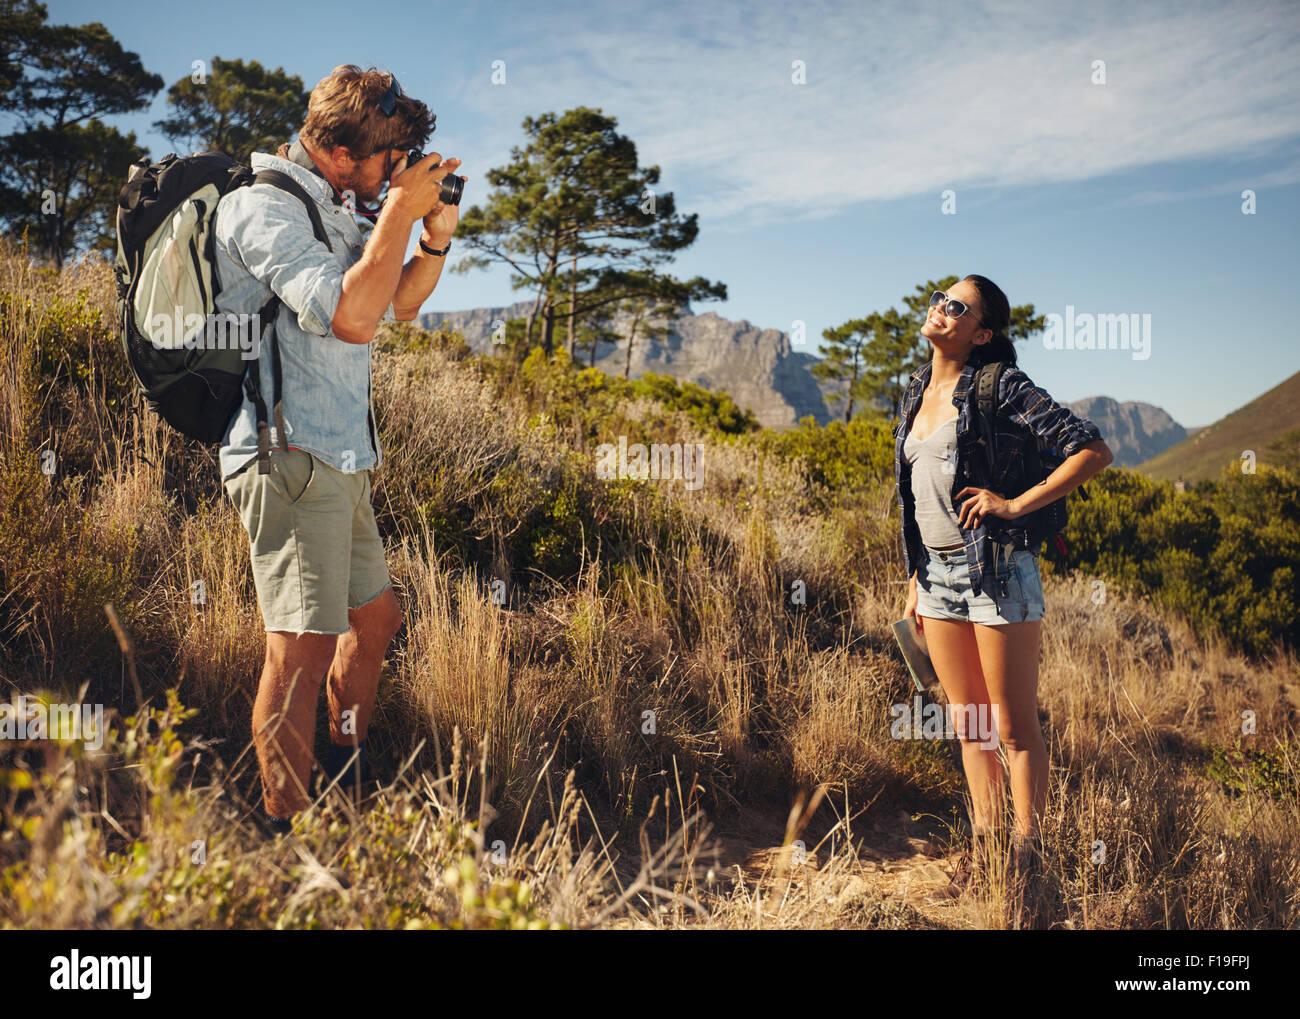 Im Freien Schuss von touristischen paar Wandern und Fotografieren mit der Kamera. Mann unter Bild der Freundin im Stockbild